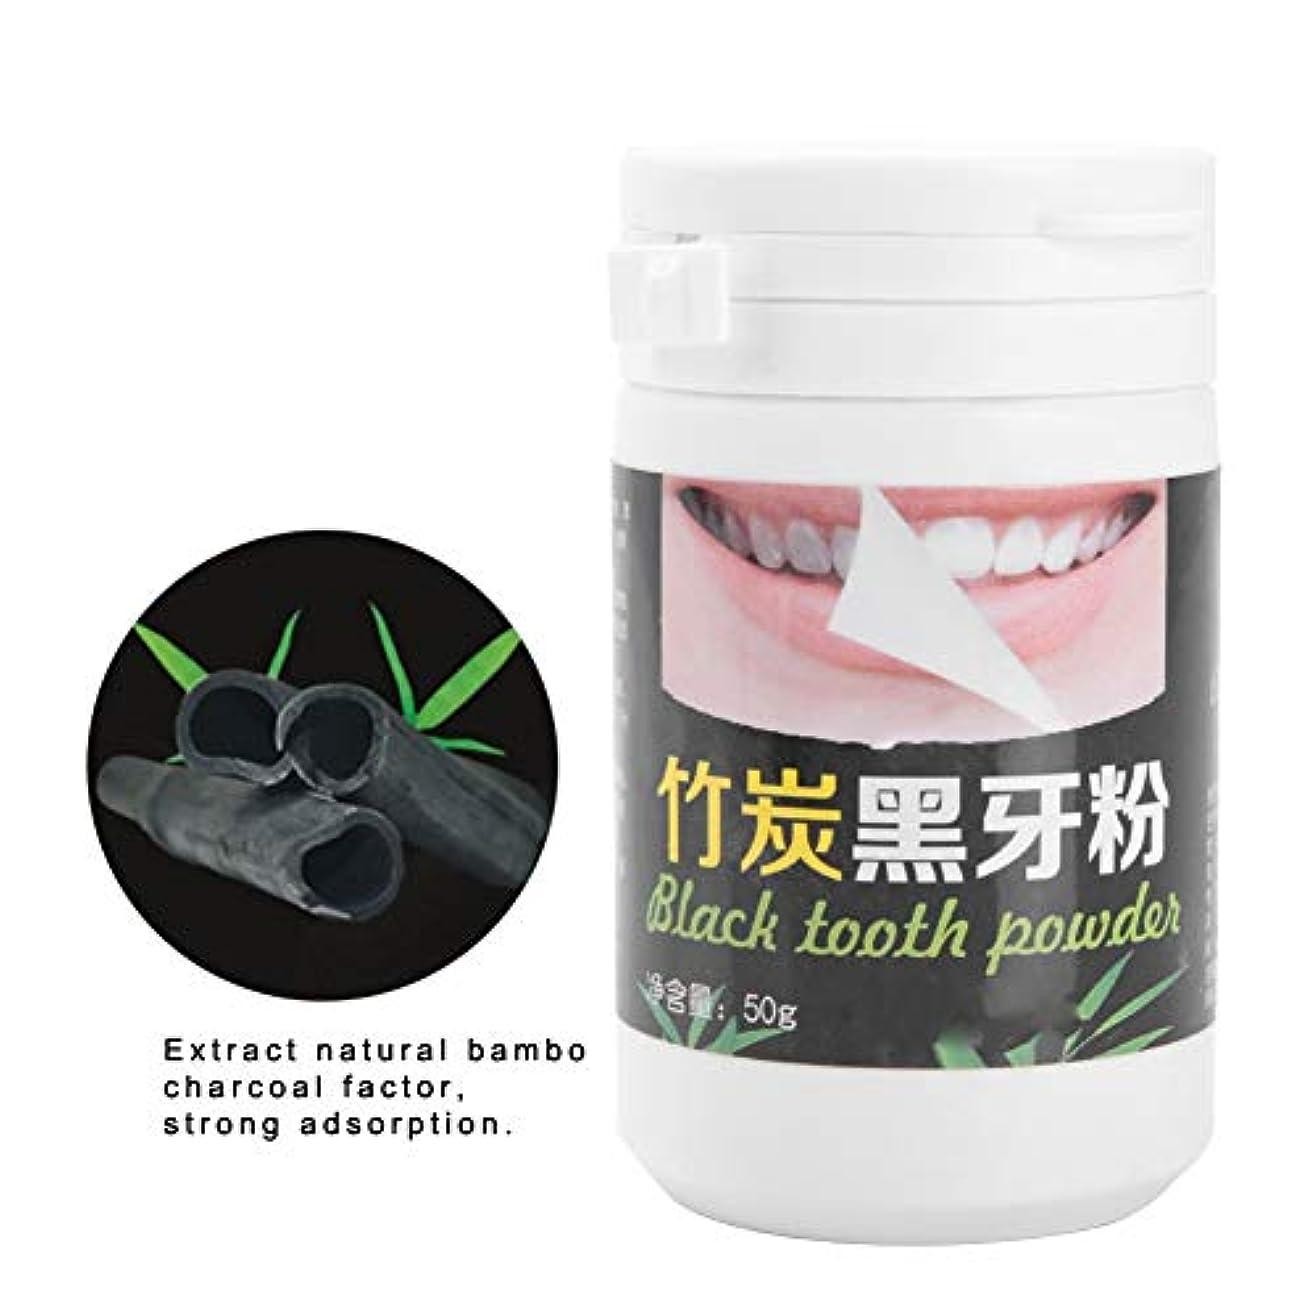 紳士気取りの、きざな学習者ブリリアント歯の手入れをする有効な汚れの除去剤 - 汚れの除去剤の粉を白くする口腔歯の心配の自然な活動化させた木炭粉